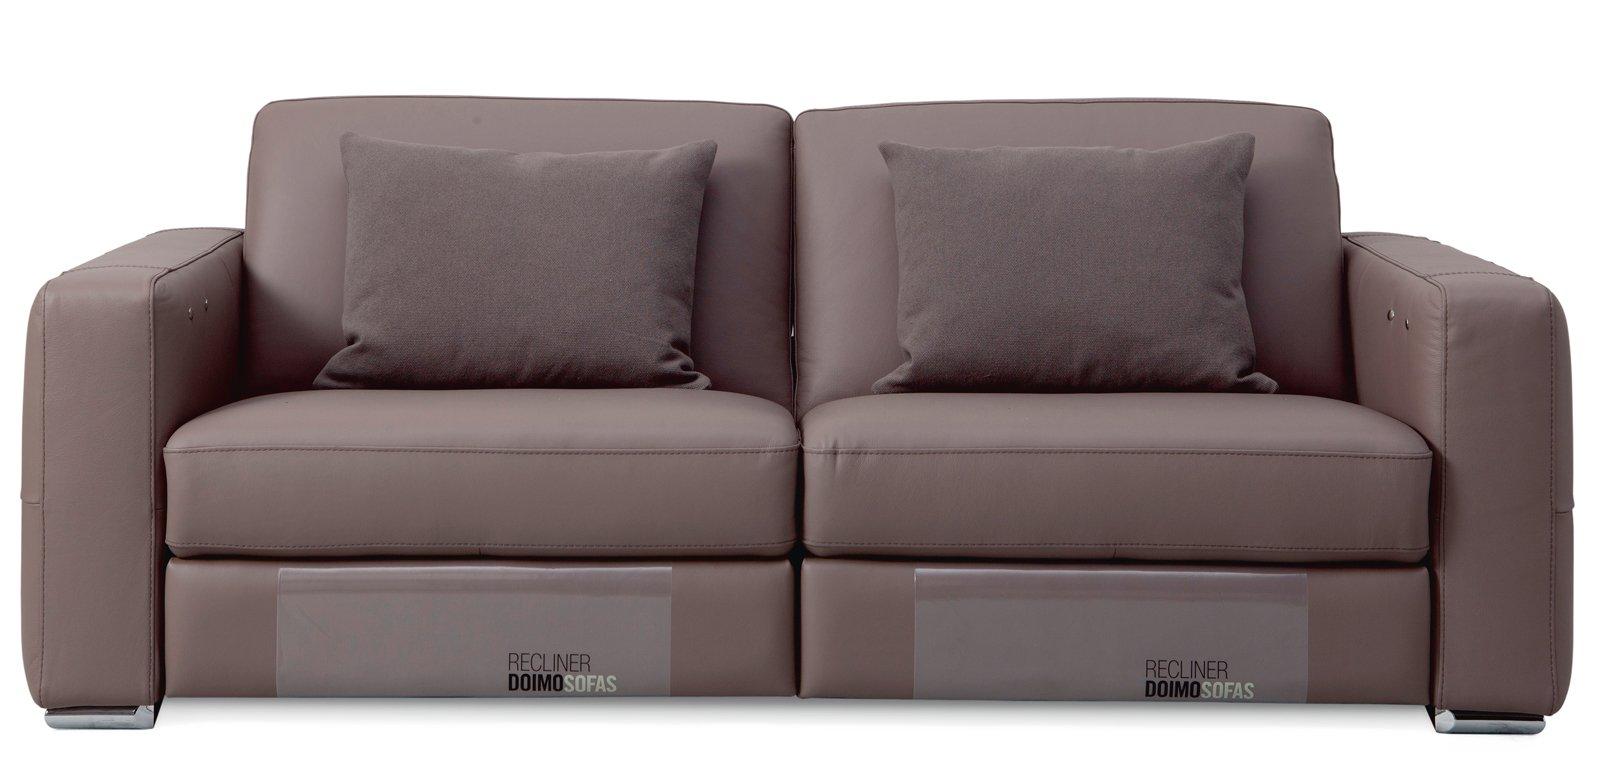 Divani da 200 a 2000 euro cose di casa - Poltronesofa prezzi divano letto ...